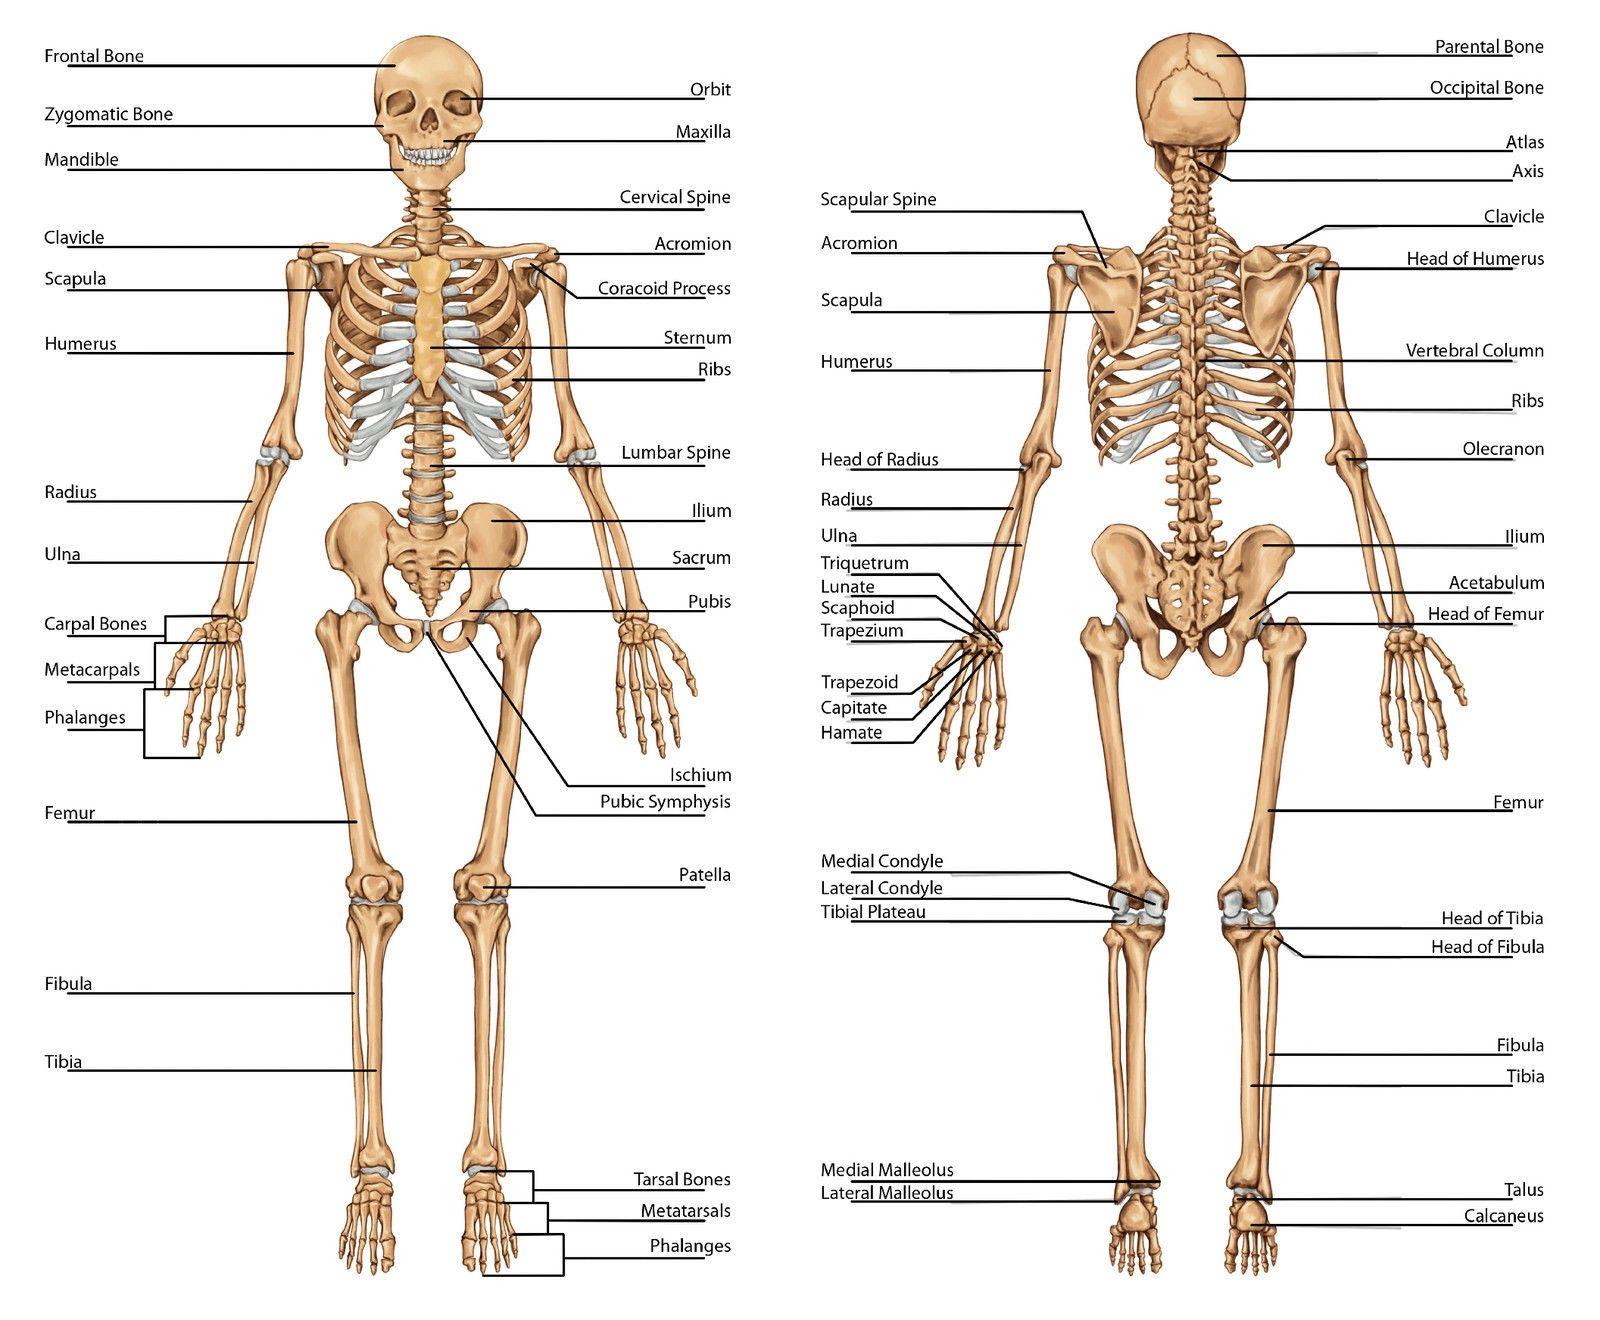 Skeletal System Labeled Diagram